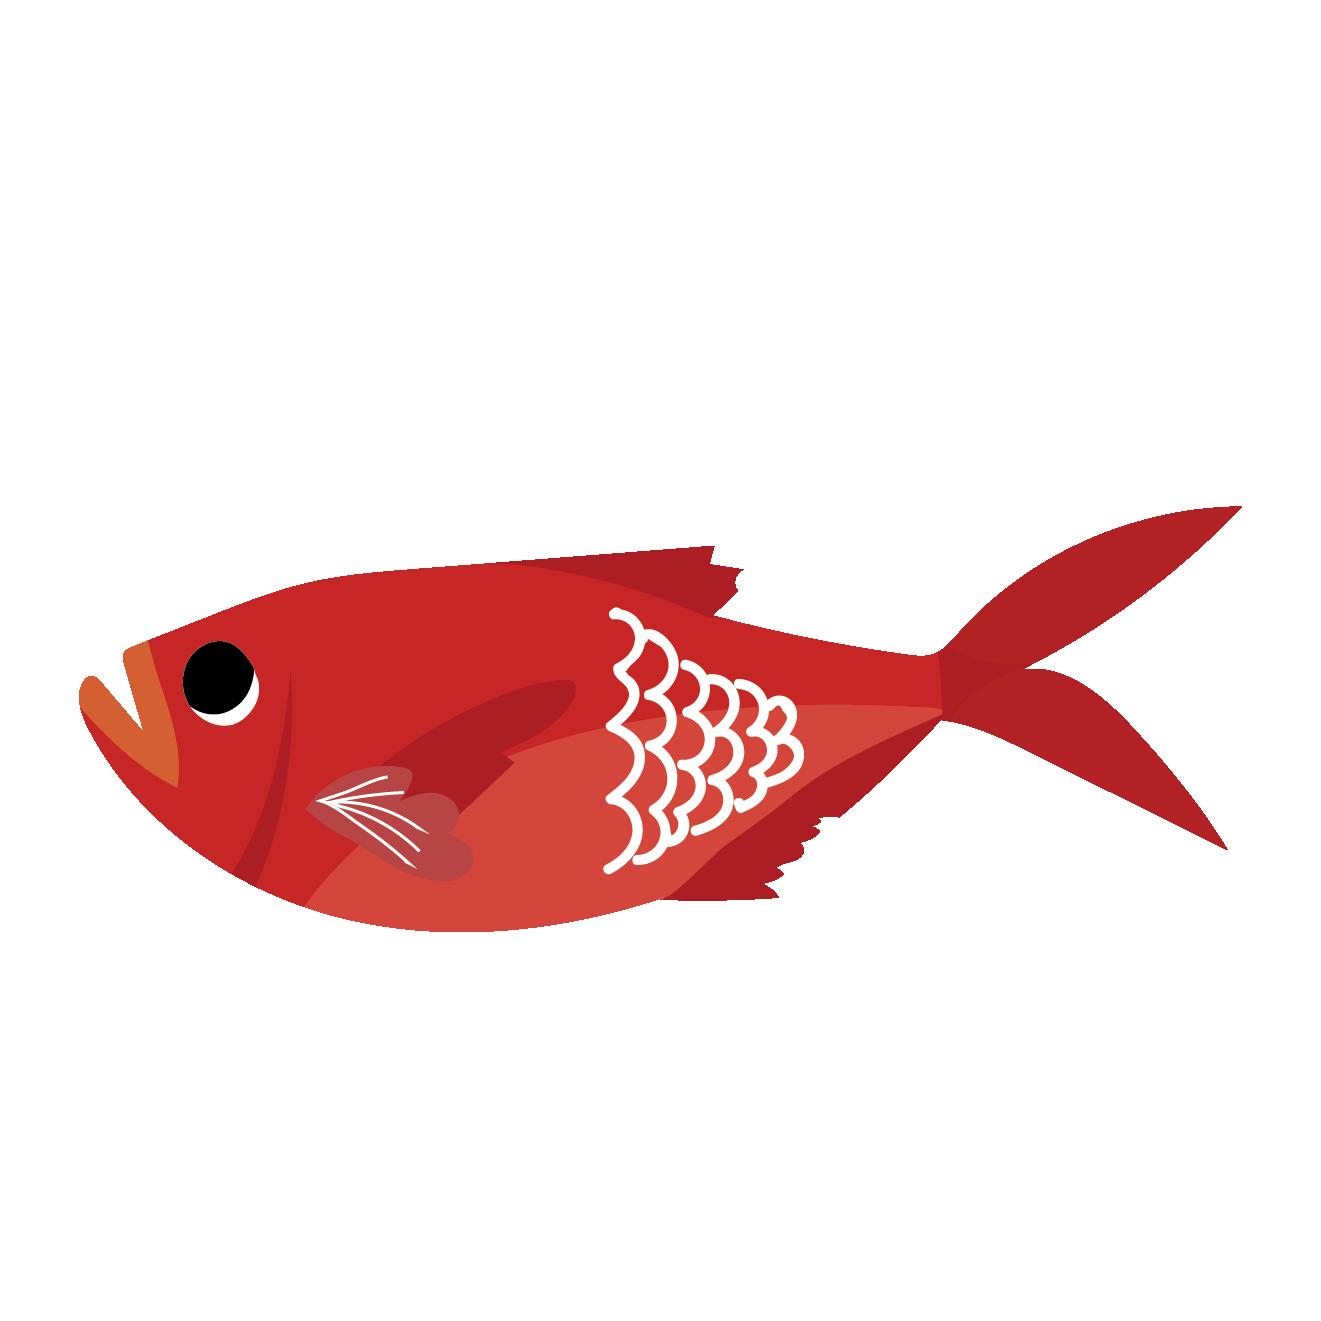 金目鯛(キンメダイ)のイラスト【魚】 | 商用フリー(無料)のイラスト